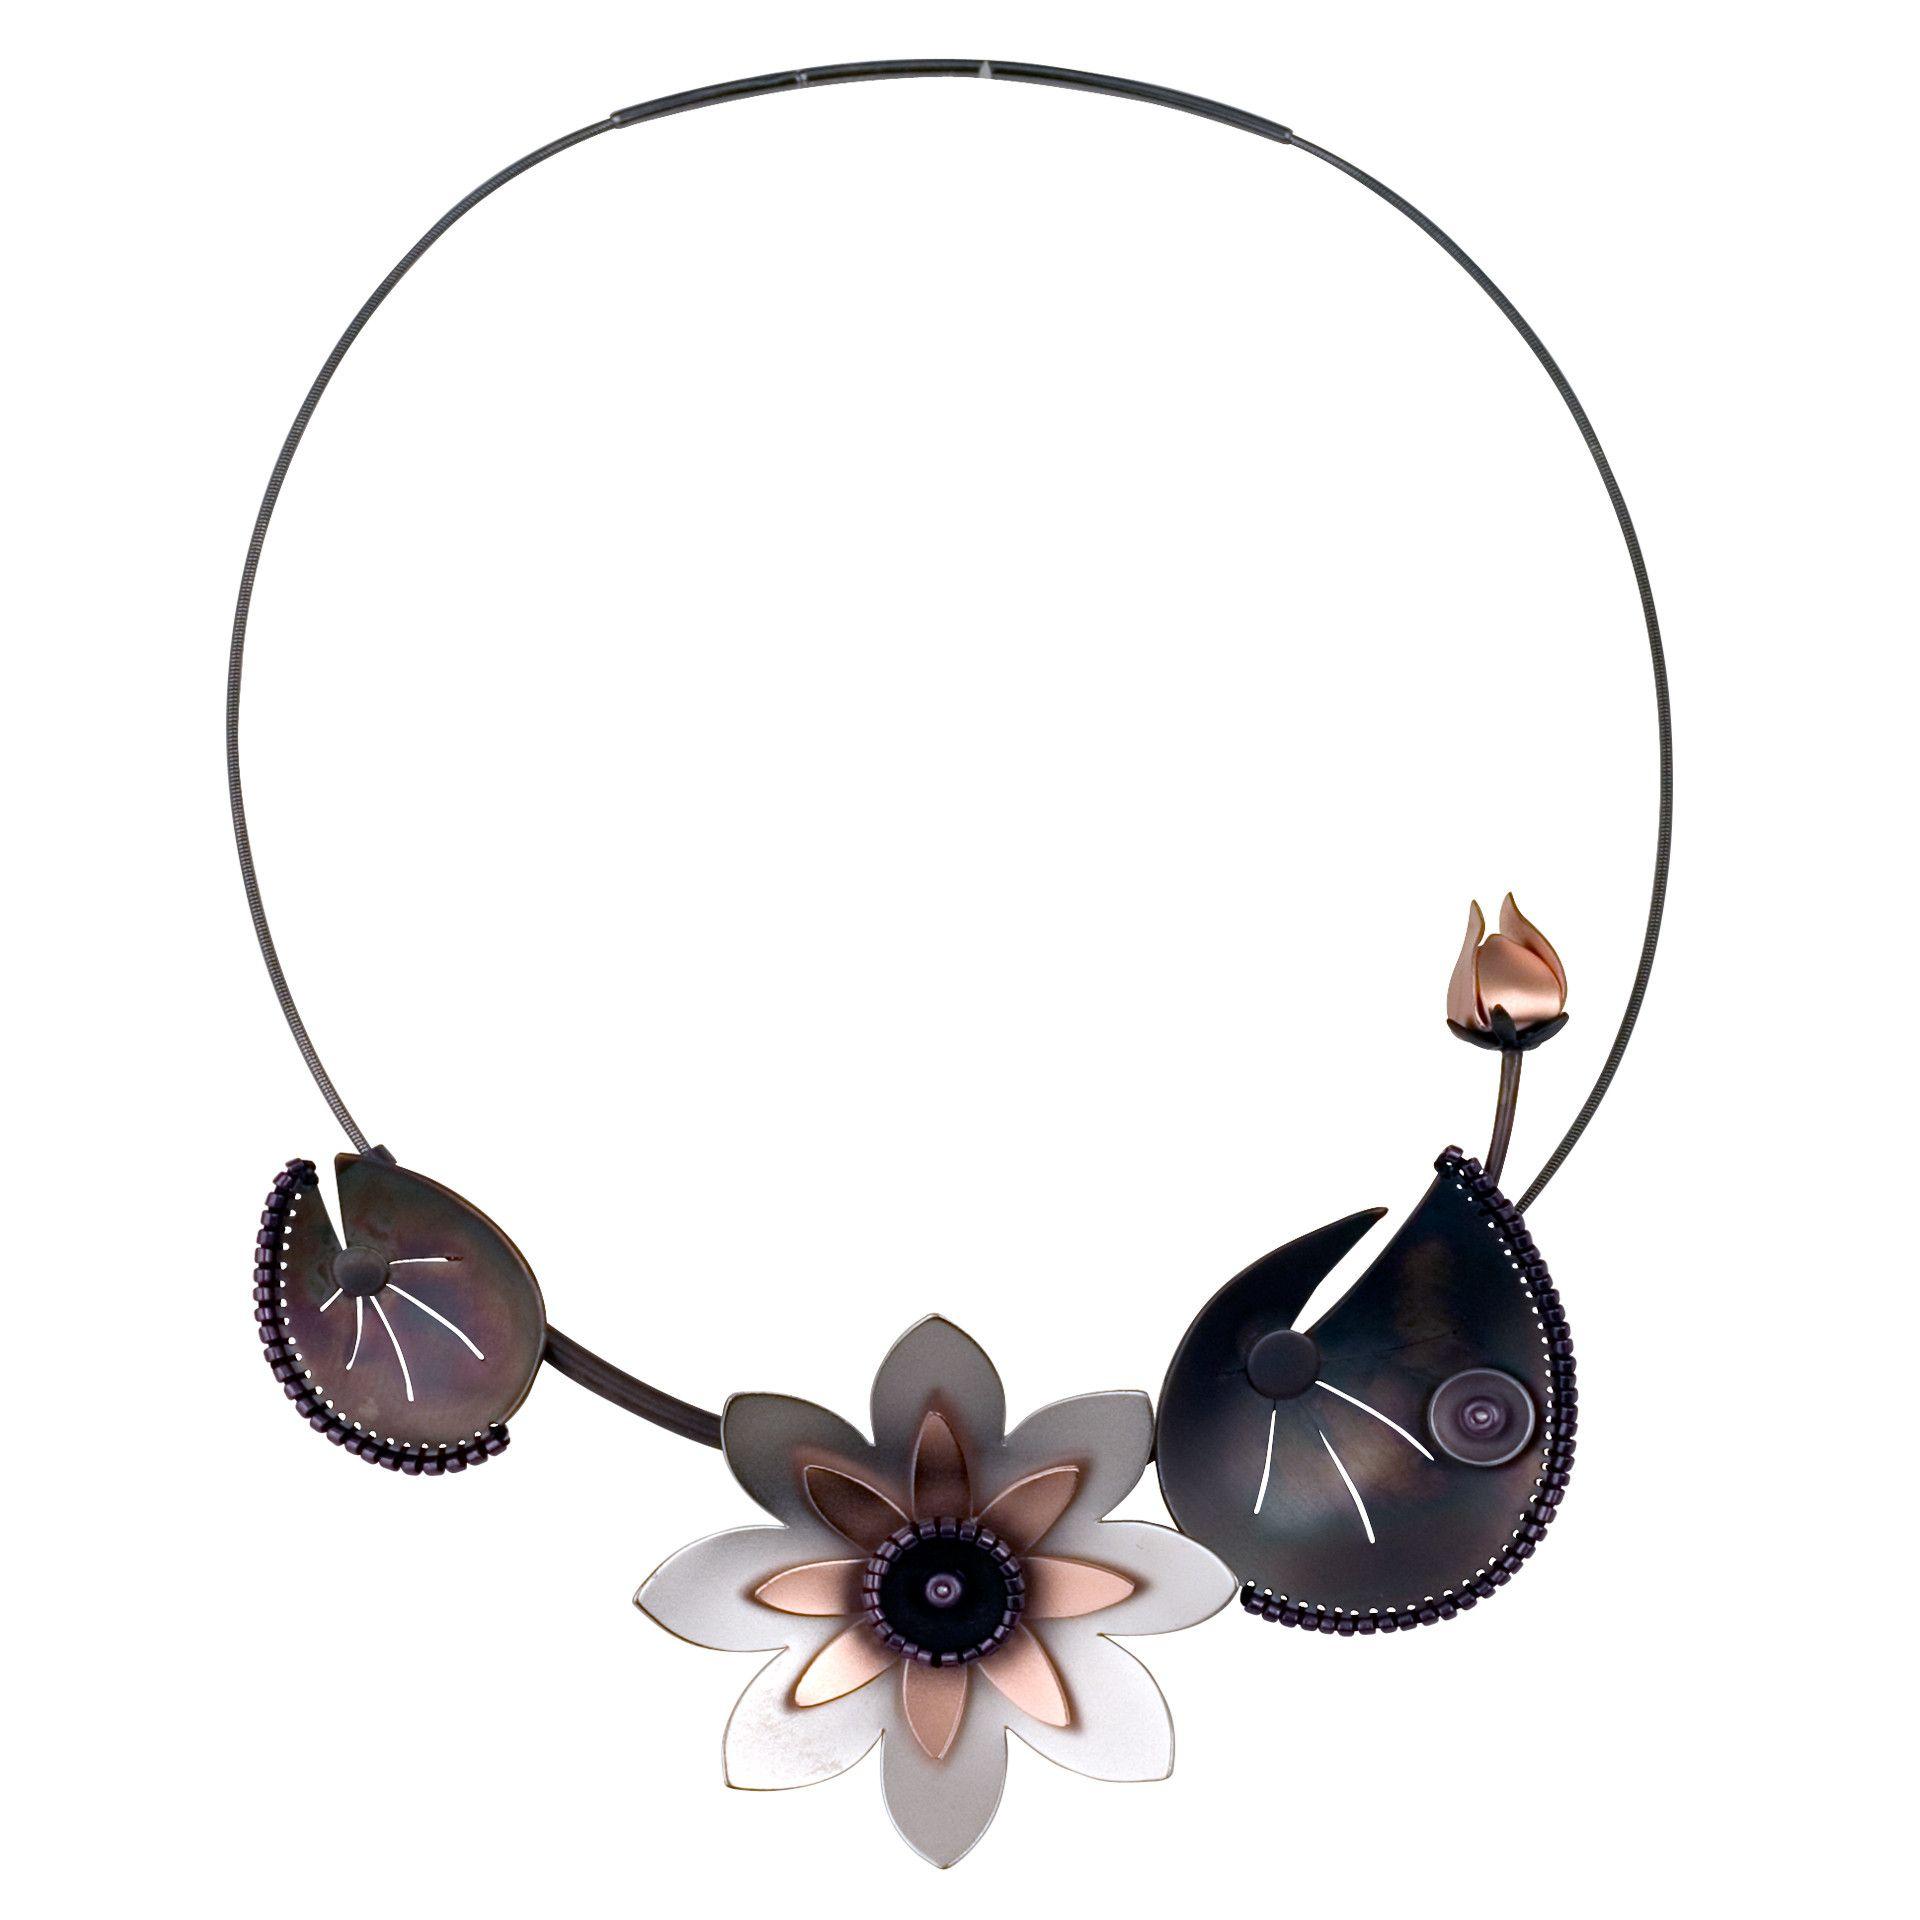 Lotus Necklace, Chihiro Makio. 314studio.com